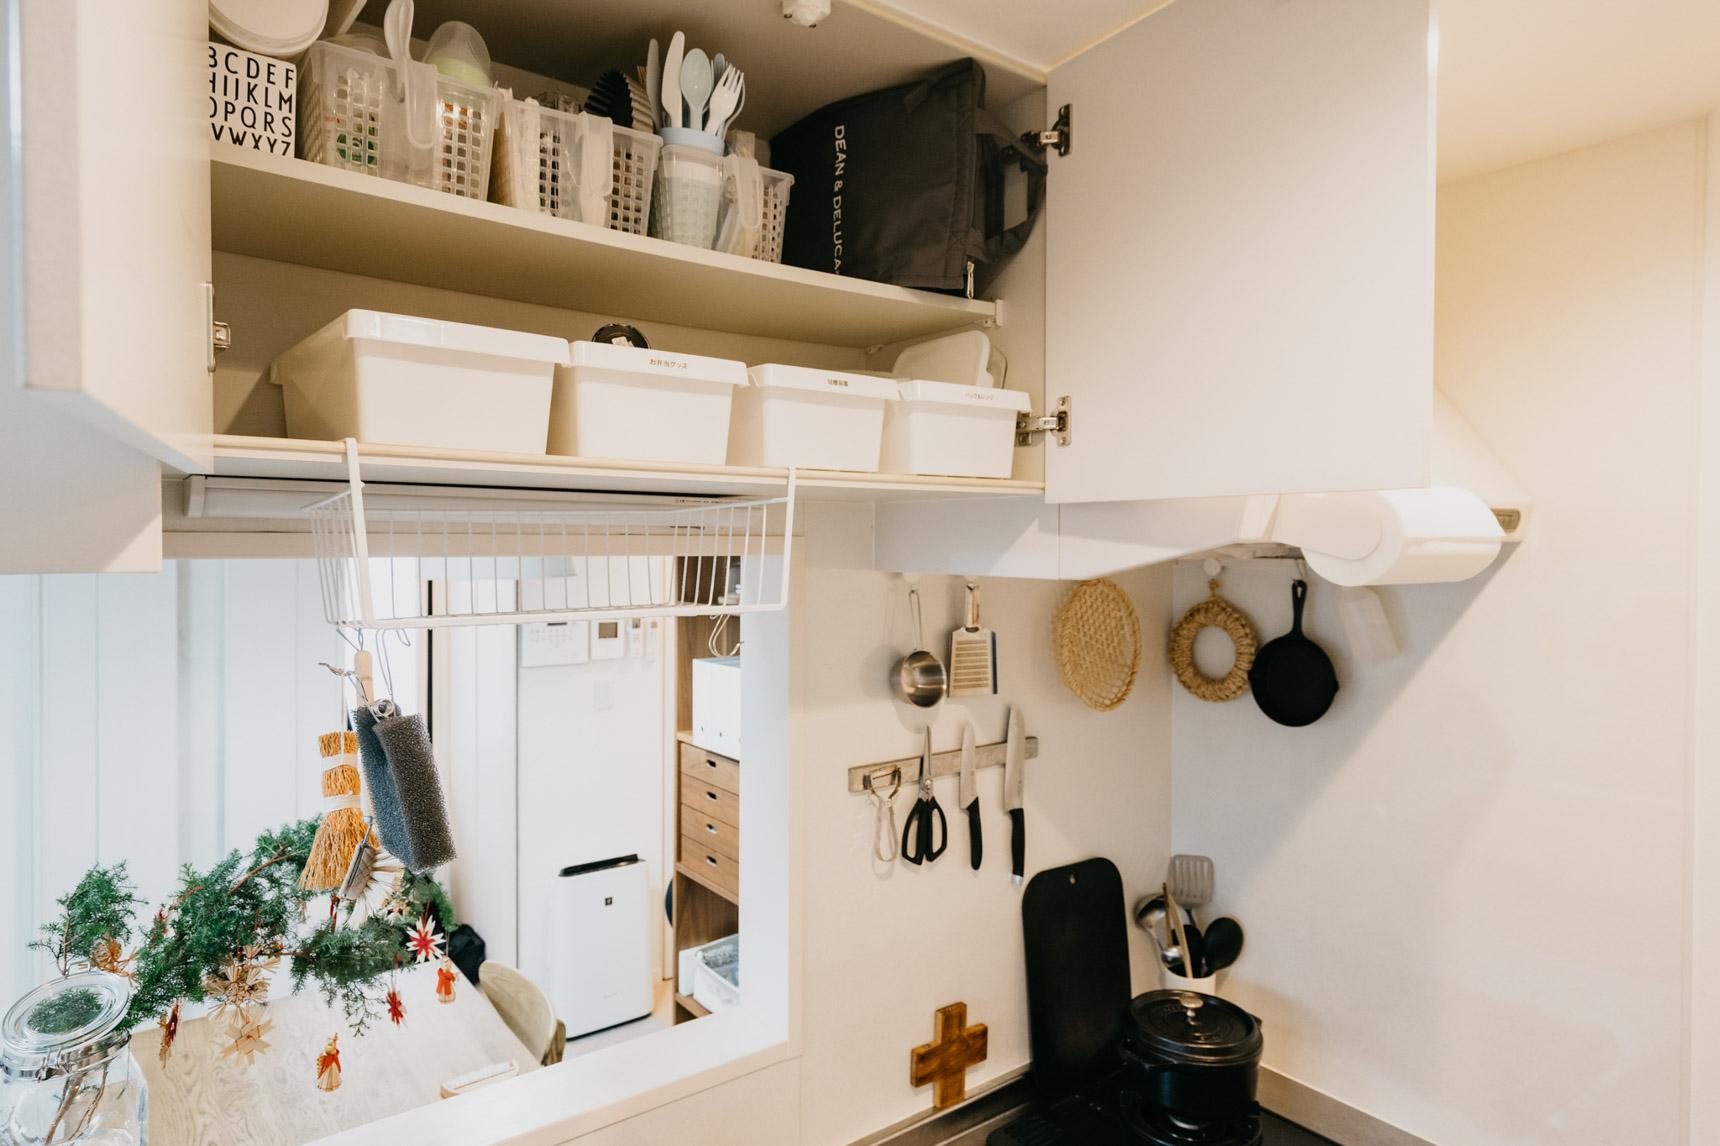 吊り戸棚には陶器・ガラス類はおかず、軽い食器や食品ストックだけが原則(このお部屋はこちら)